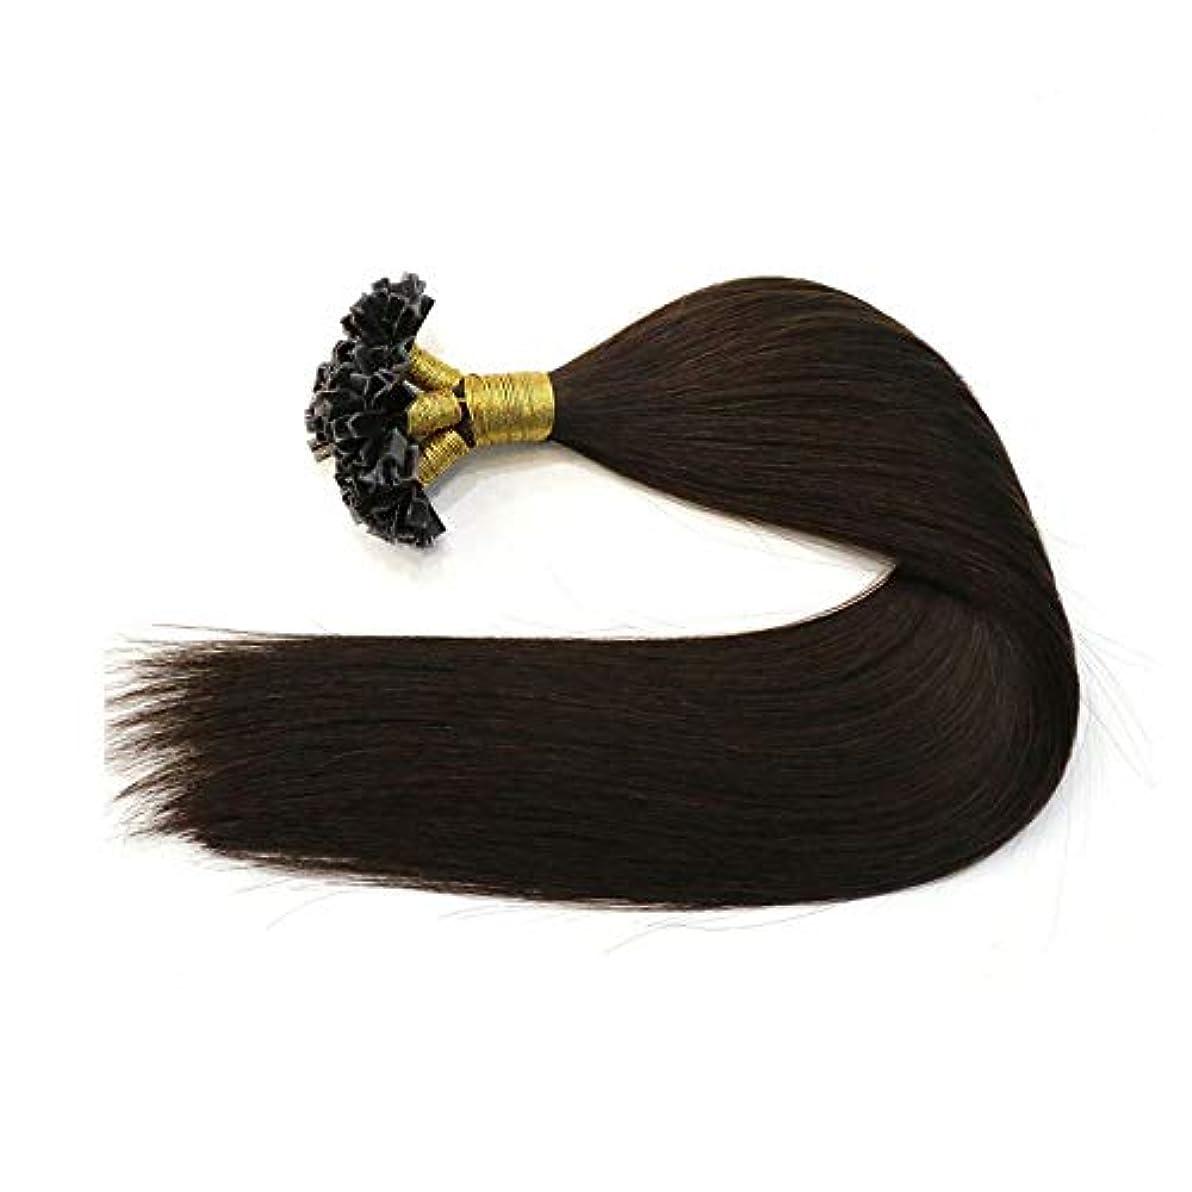 一般的に言えばルビーアルカトラズ島WASAIO ナチュラルヘアエクステンションクリップ裏地なし髪型ブラックFusionの人間の髪の拡張機能レミーブラジルの髪の連続 (色 : 黒, サイズ : 14 inch)